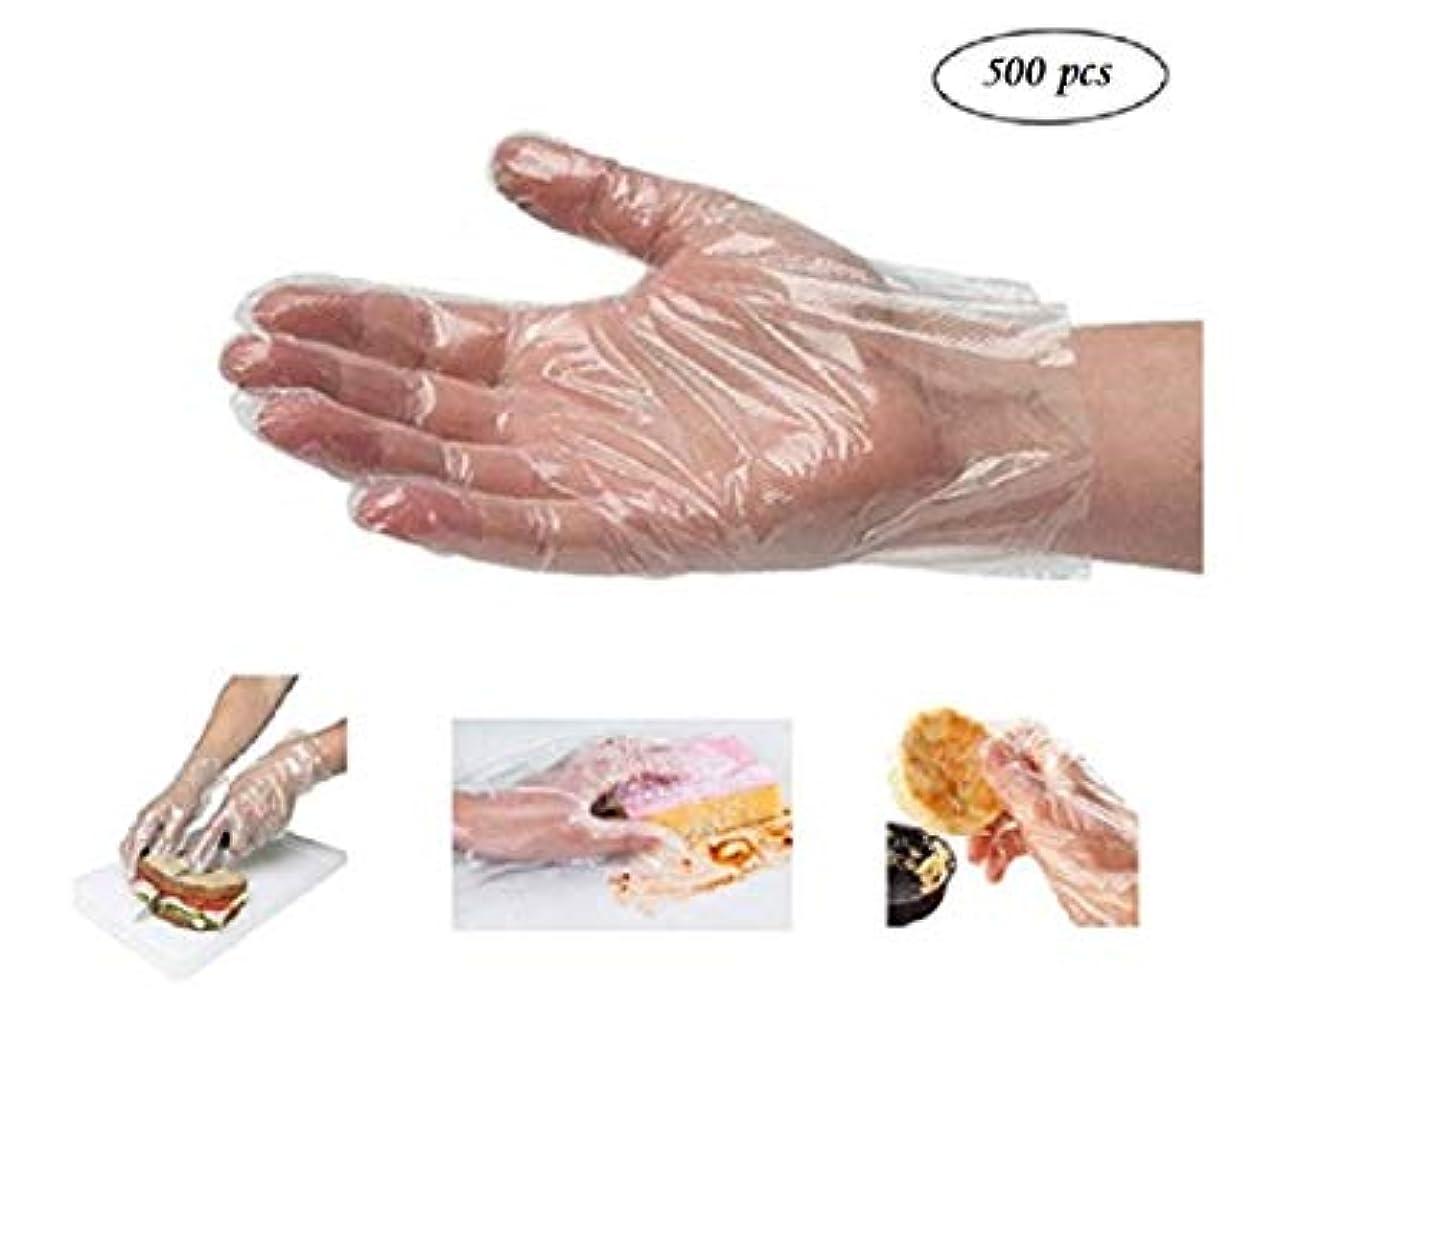 コンソールコンテストフェミニン(5) - BYP Clear Disposable Plastic High Density Polyethylene Gloves Sterile Disposable Safety Gloves(500 Sheets...